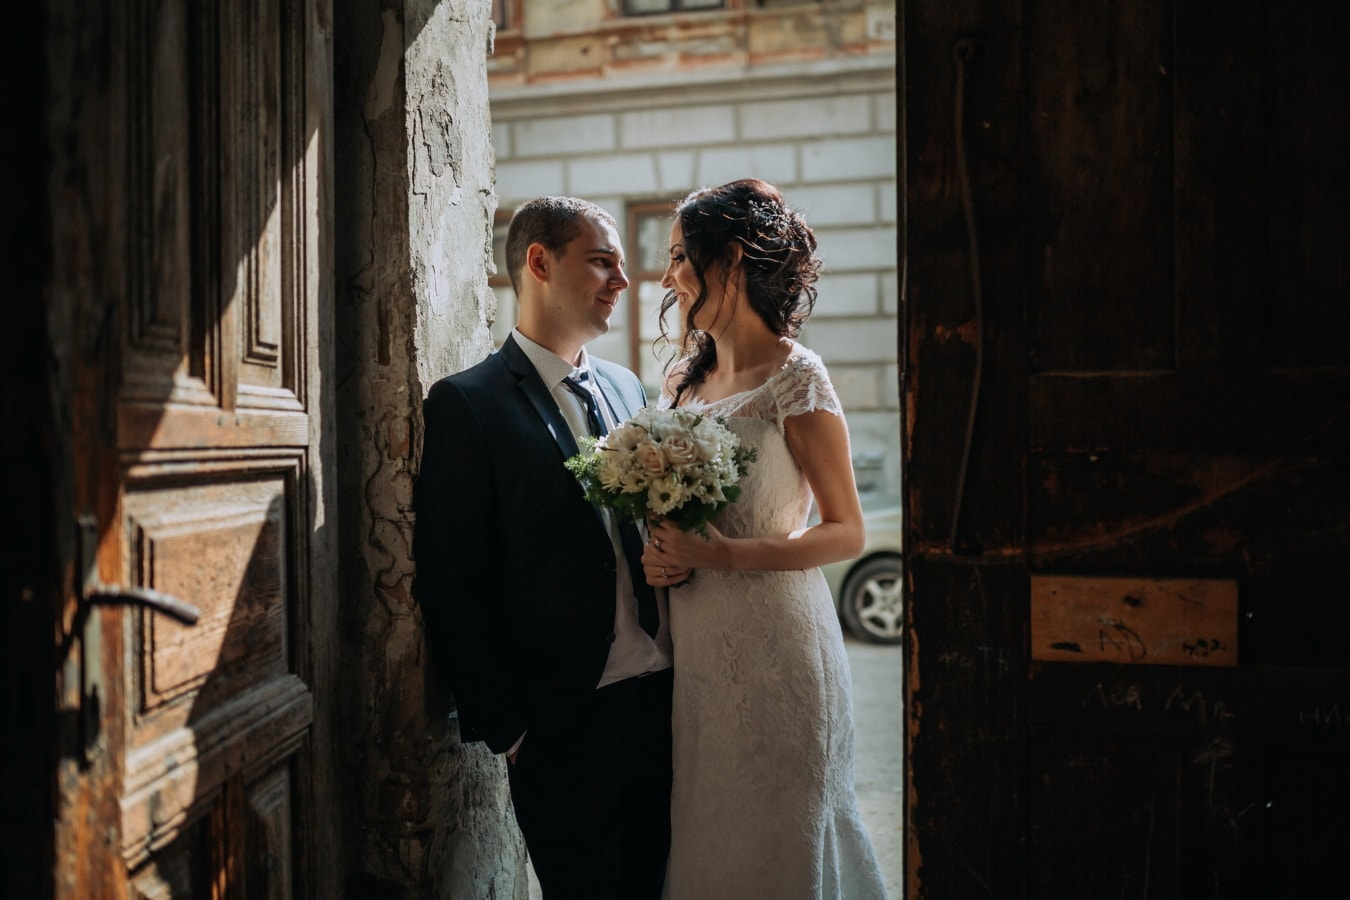 съпруг, младоженци, жена, вход, порта, сватба, Любов, жена, двойка, младоженец